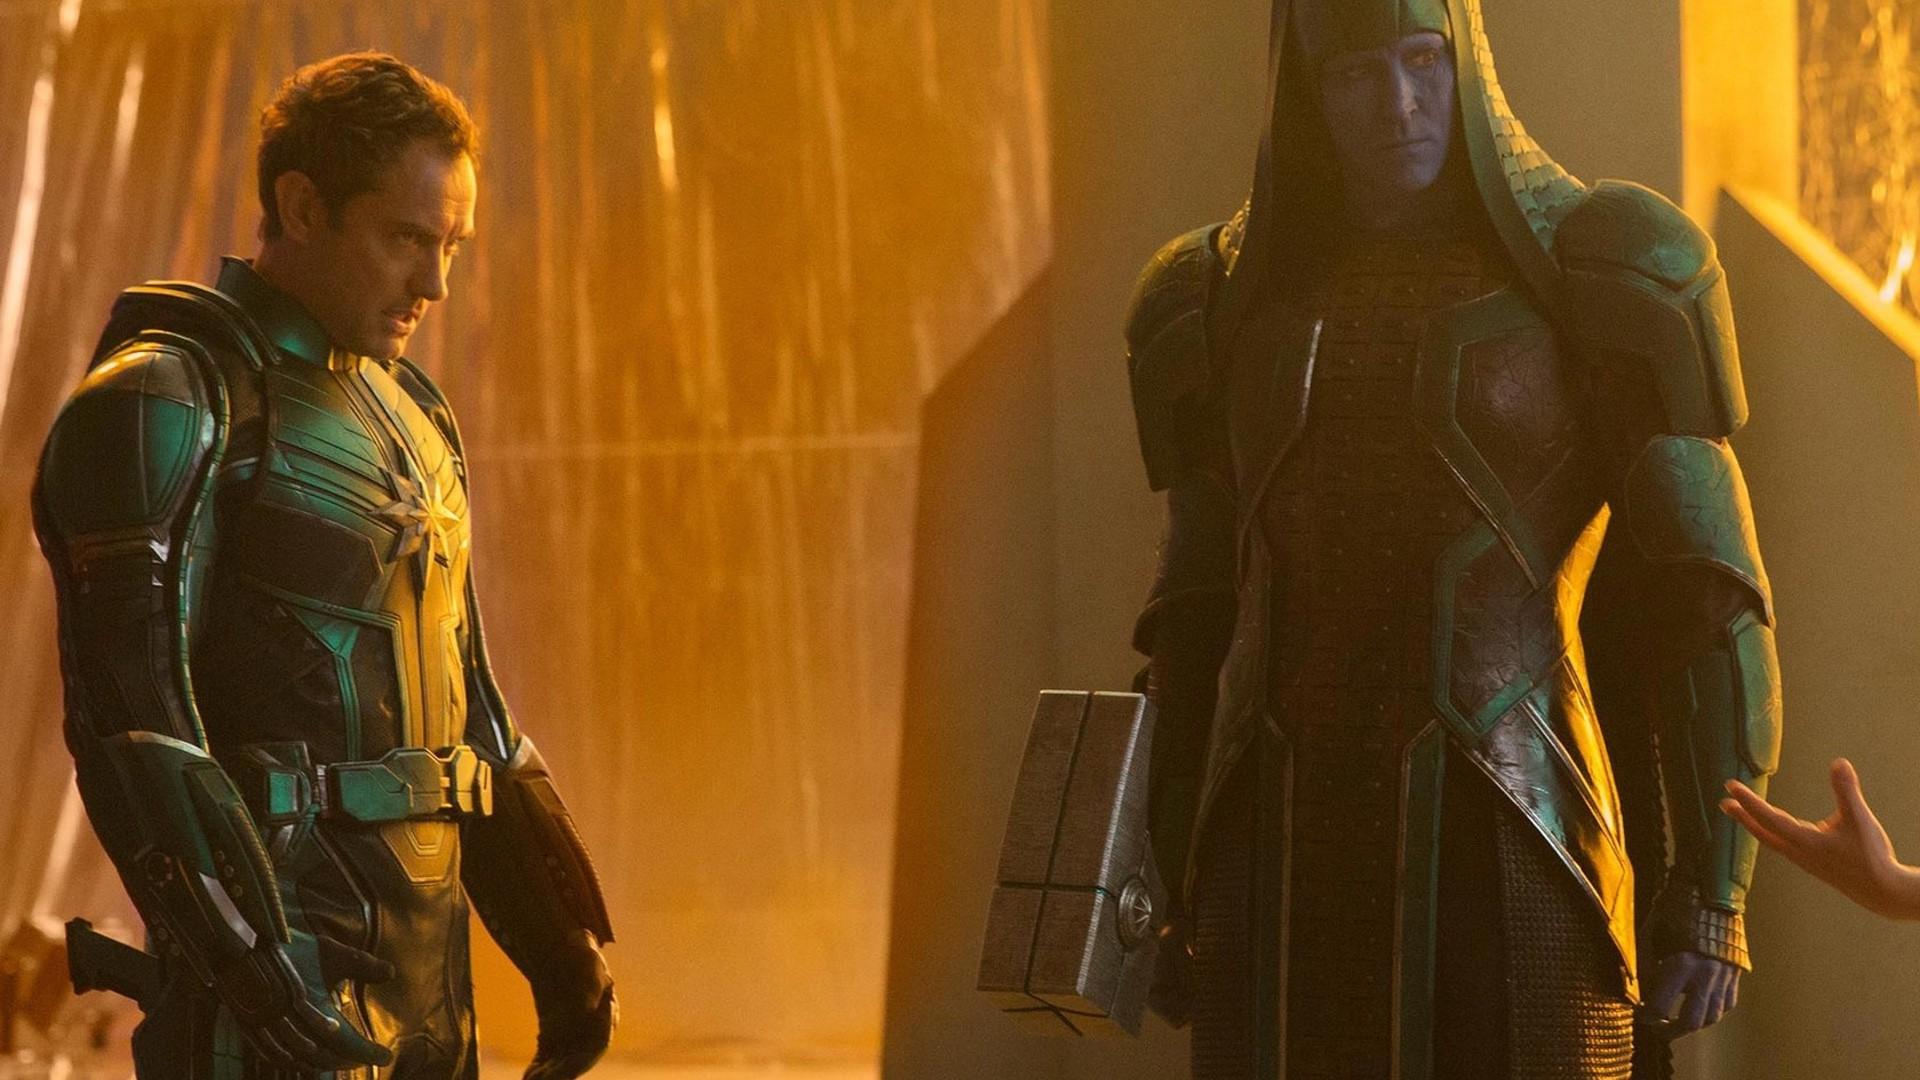 Captain Marvel có trả lời được 6 câu hỏi cấp thiết của người hâm mộ? - Ảnh 2.